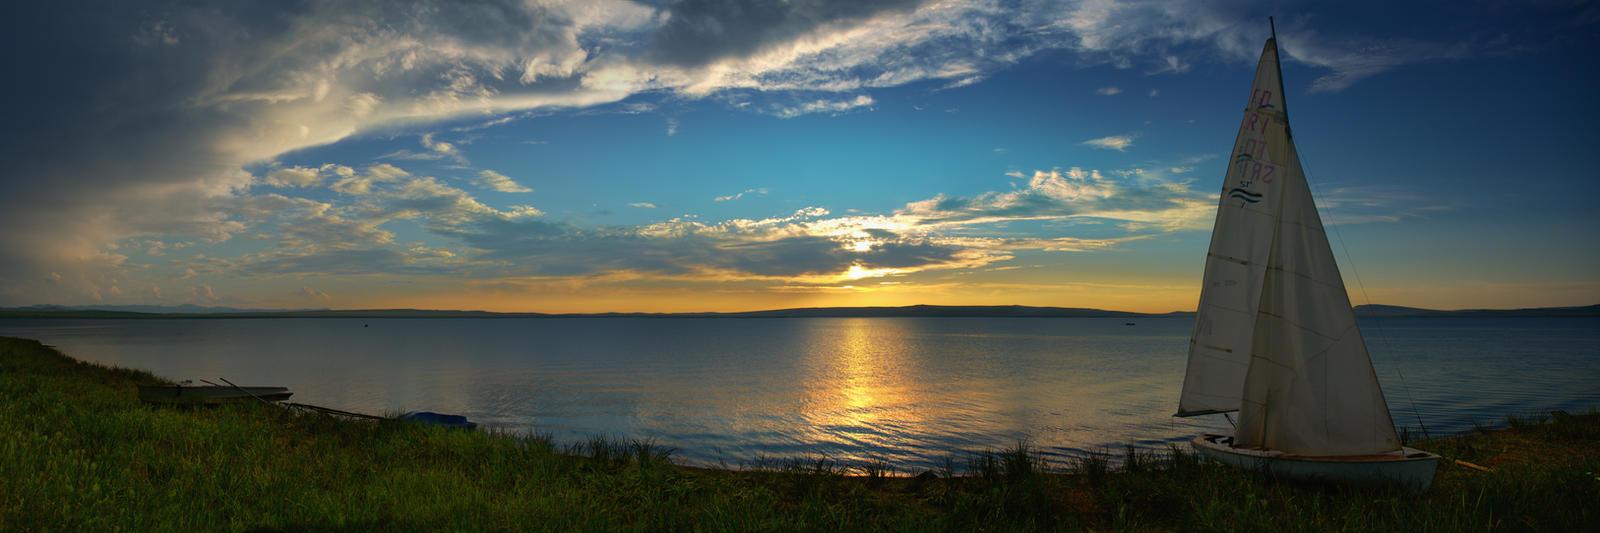 Lake Bele photos 11 by box426